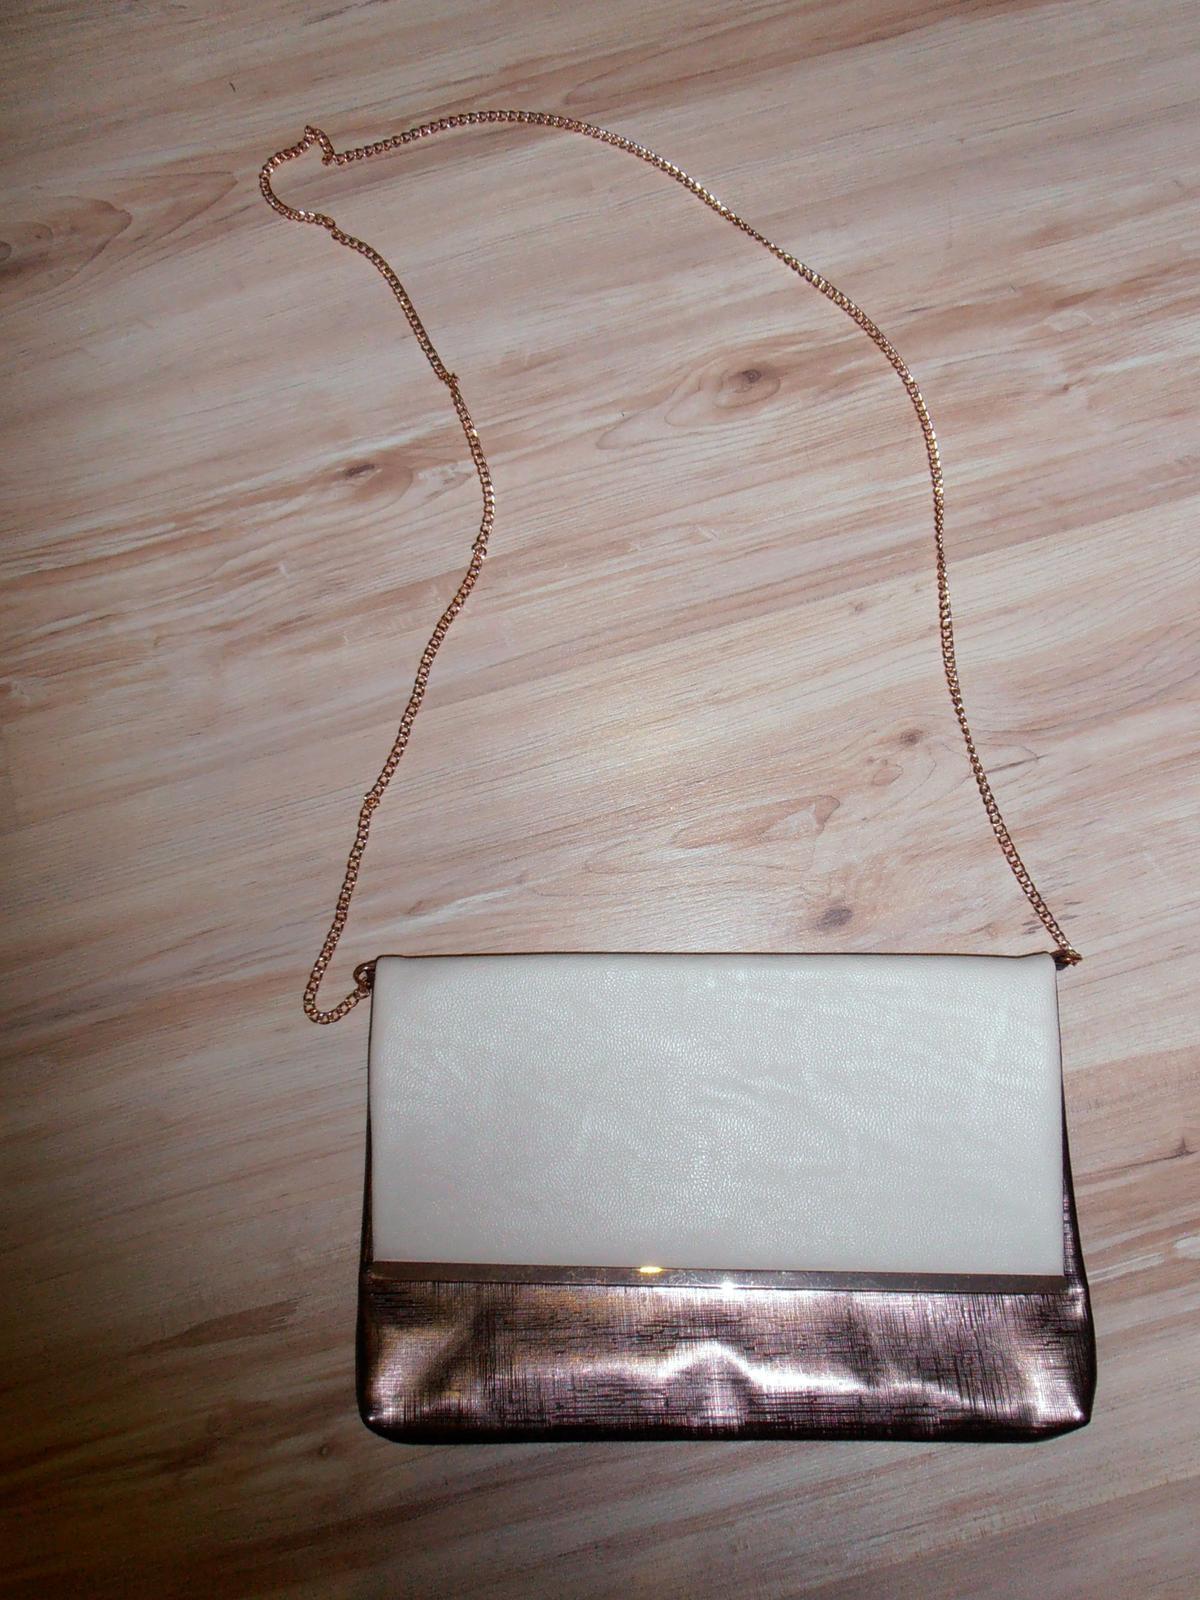 kabelka - Obrázok č. 3